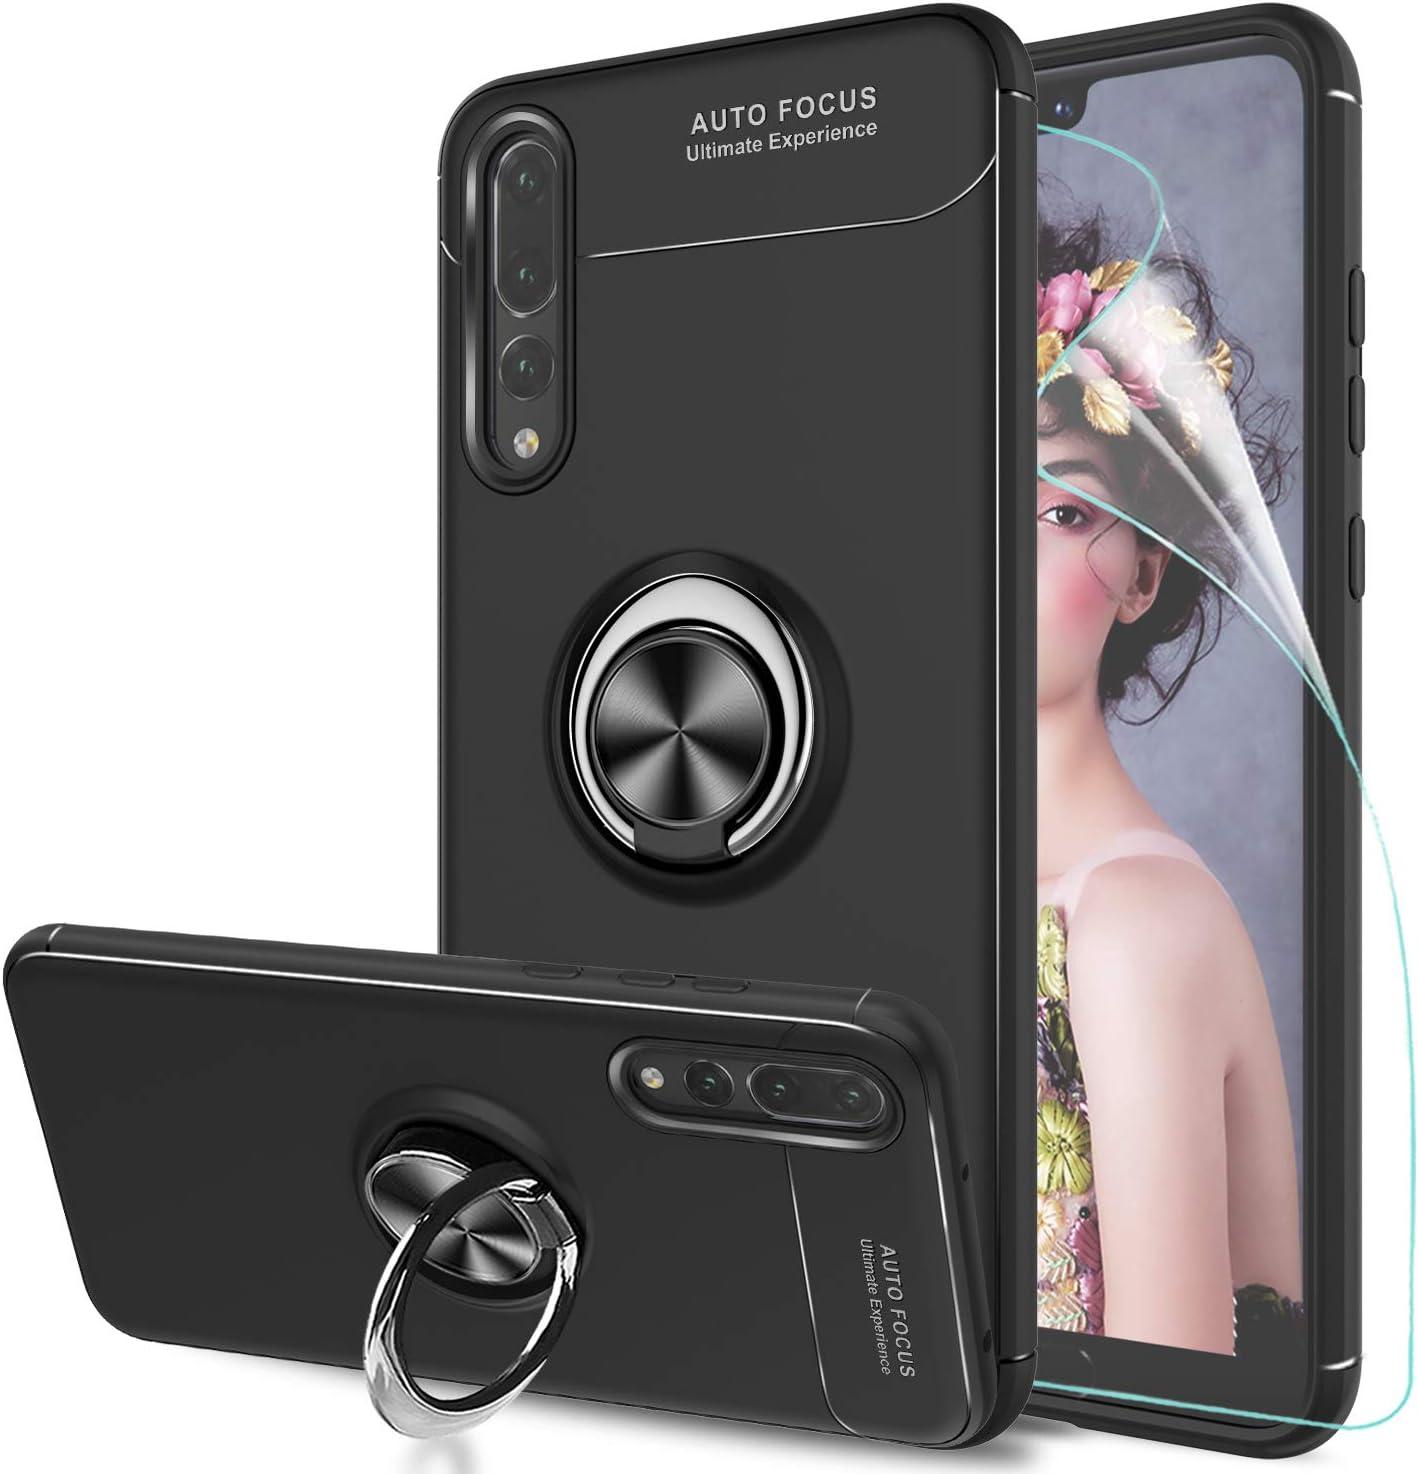 LeYi Funda Huawei P20 Pro con Anillo Soporte, 360 Grados Giratorio Ring Grip con Kickstand Gel TPU de Silicona Bumper Case Carcasa Fundas Huawei P20 Pro con HD Protector de Pantalla, JSZH,Negro: